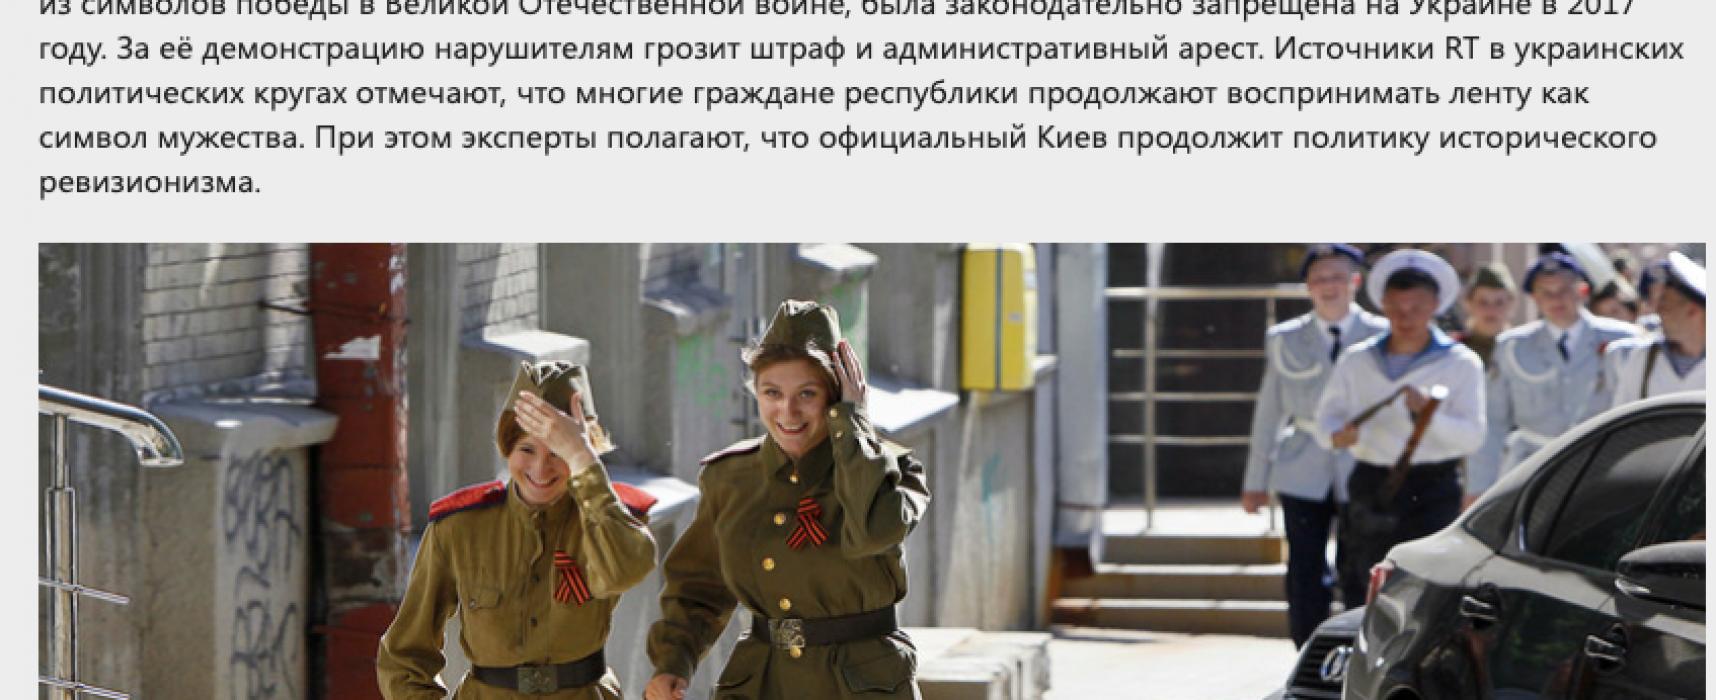 Манипуляция: Многие украинцы не одобряют запрет георгиевской ленты